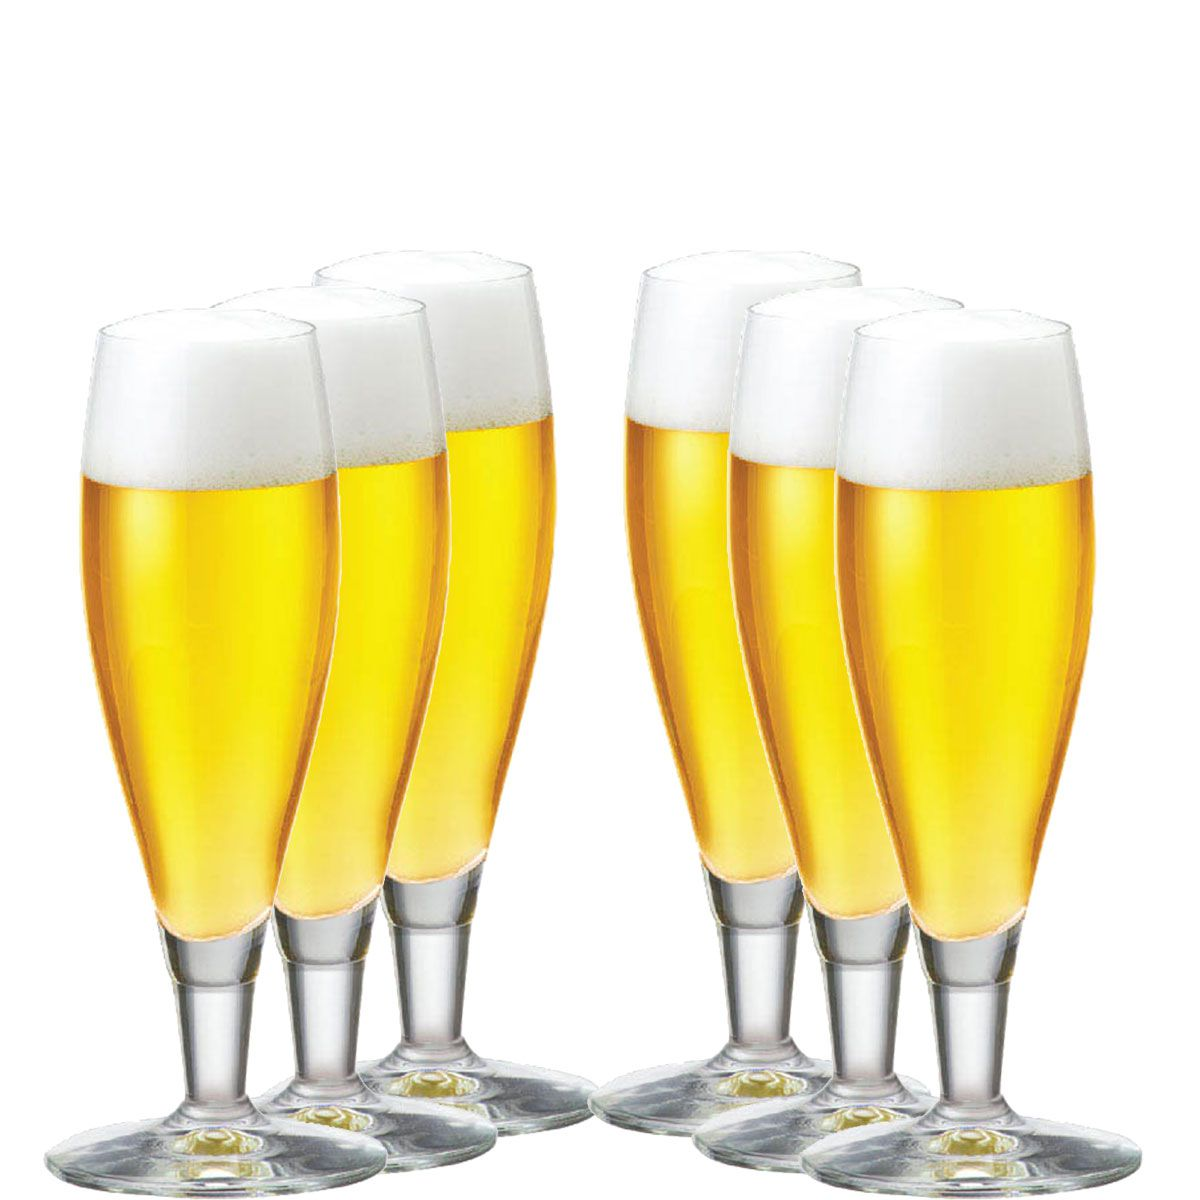 Taça de Cerveja Mini Alsdorf de 145ml 6 pcs